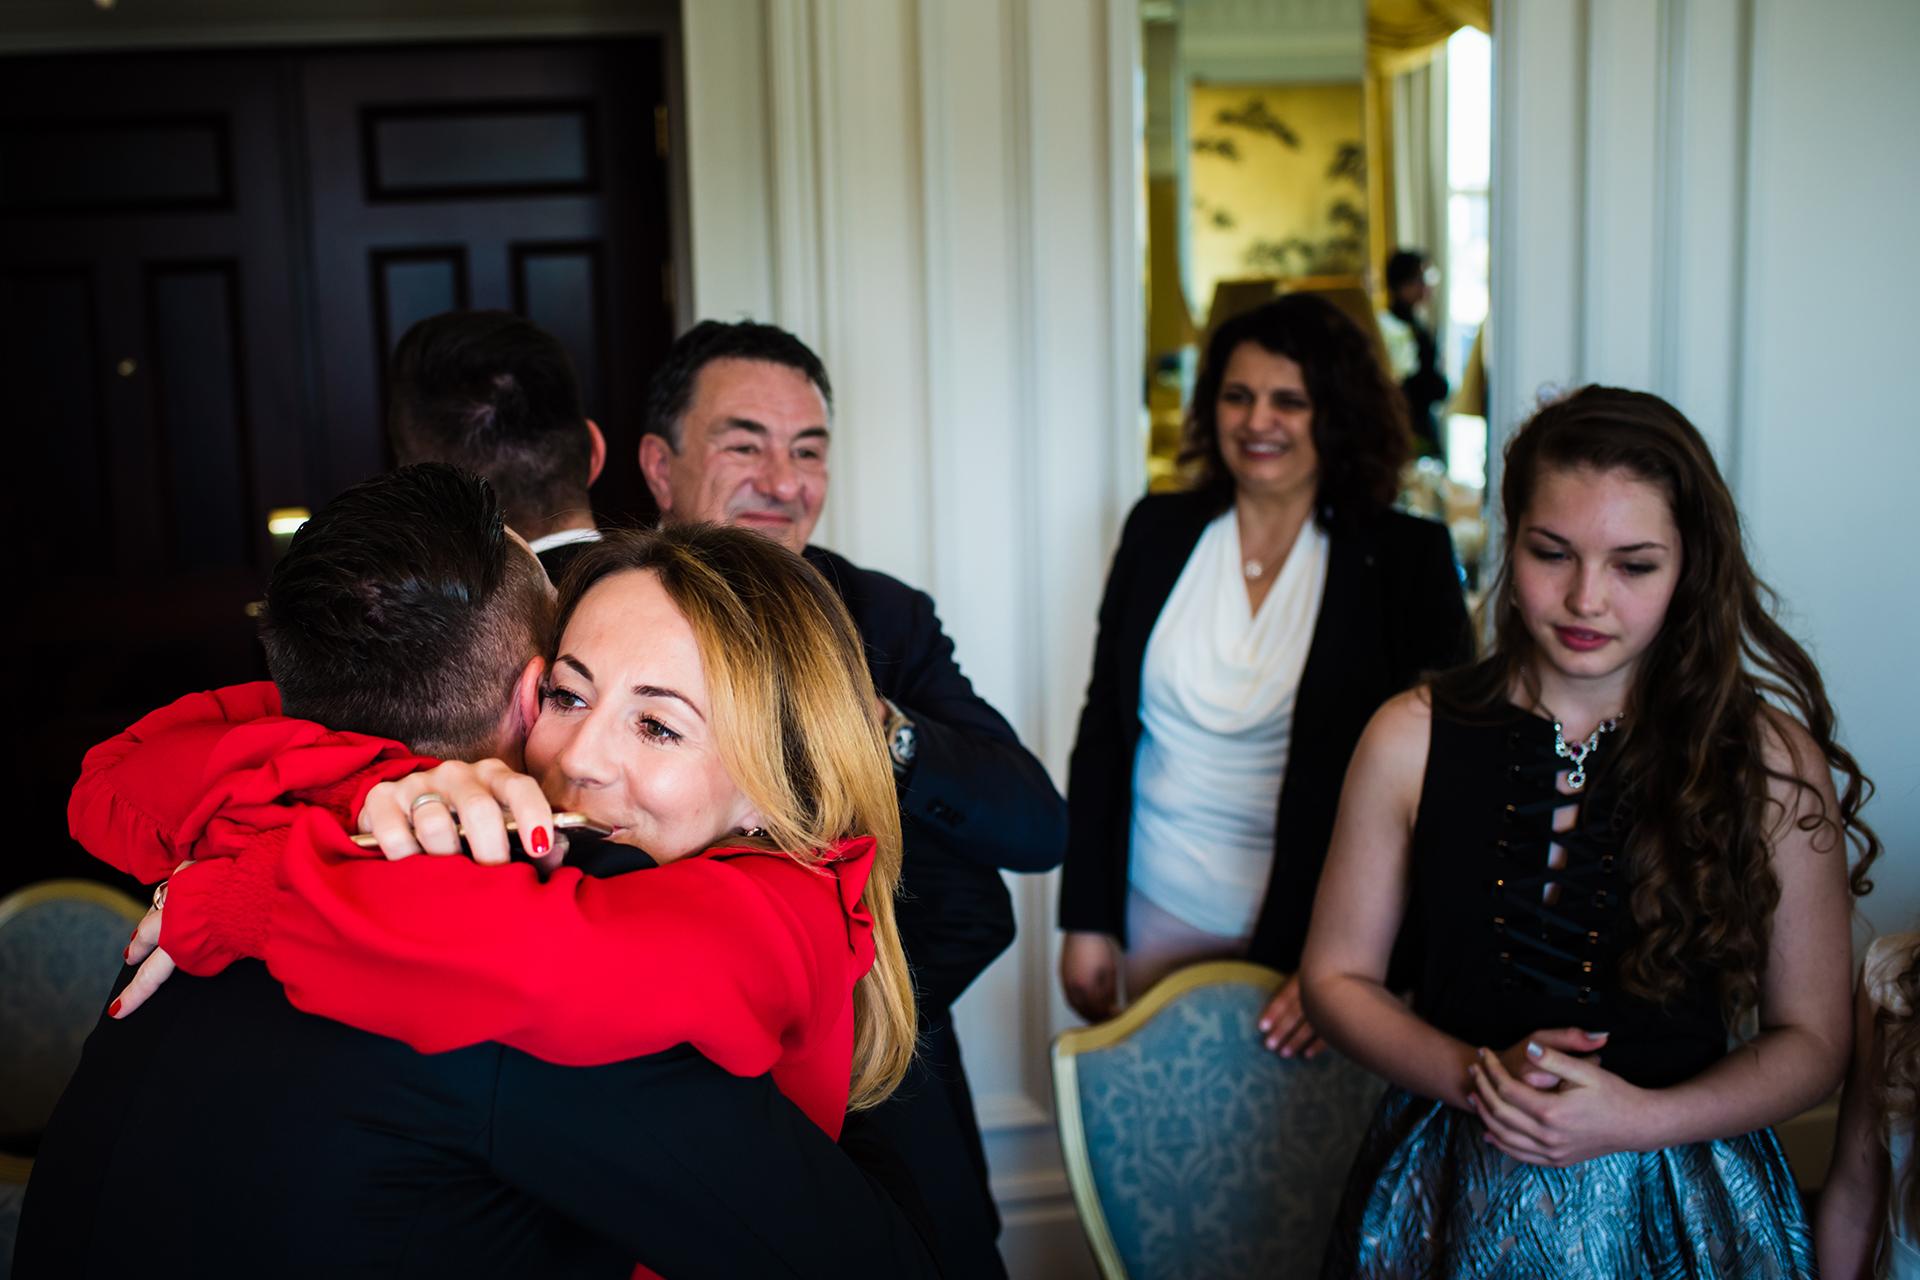 Das Savoy Hotel Elopement Fotografie | Nach der Trauung werden die Glückwünsche umarmt